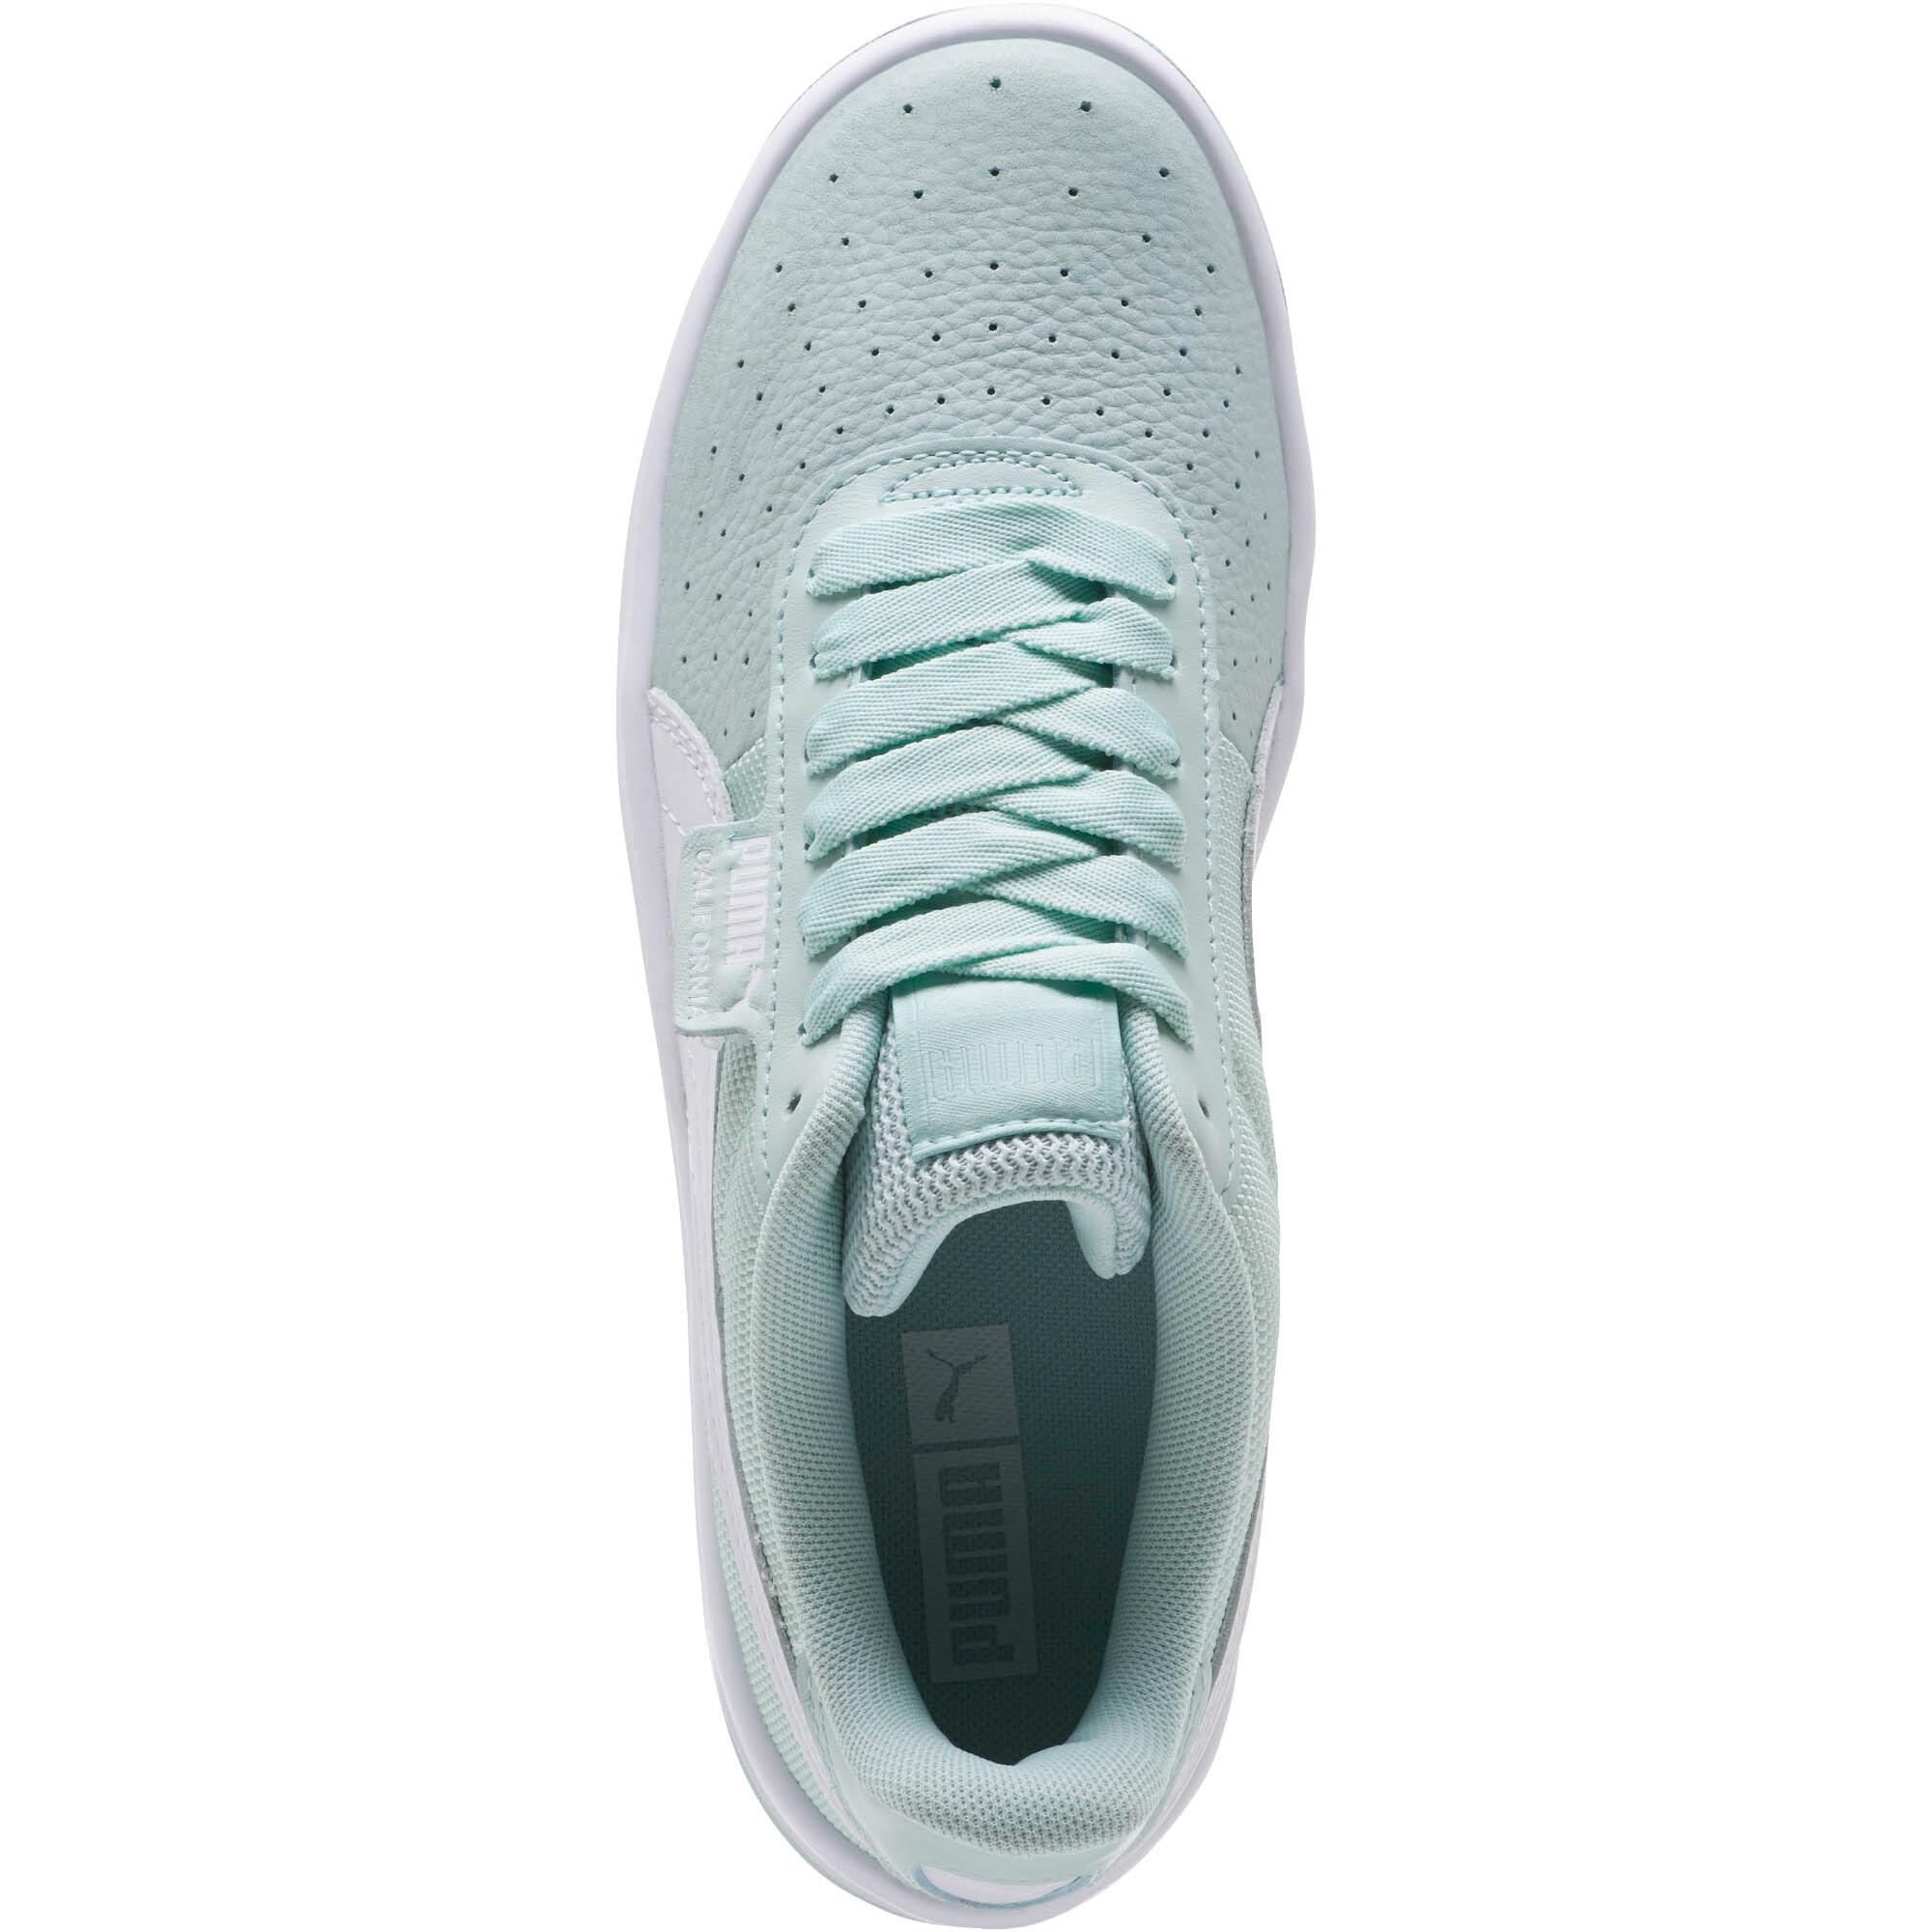 PUMA-California-Women-039-s-Sneakers-Women-Shoe-Sport-Classics thumbnail 12